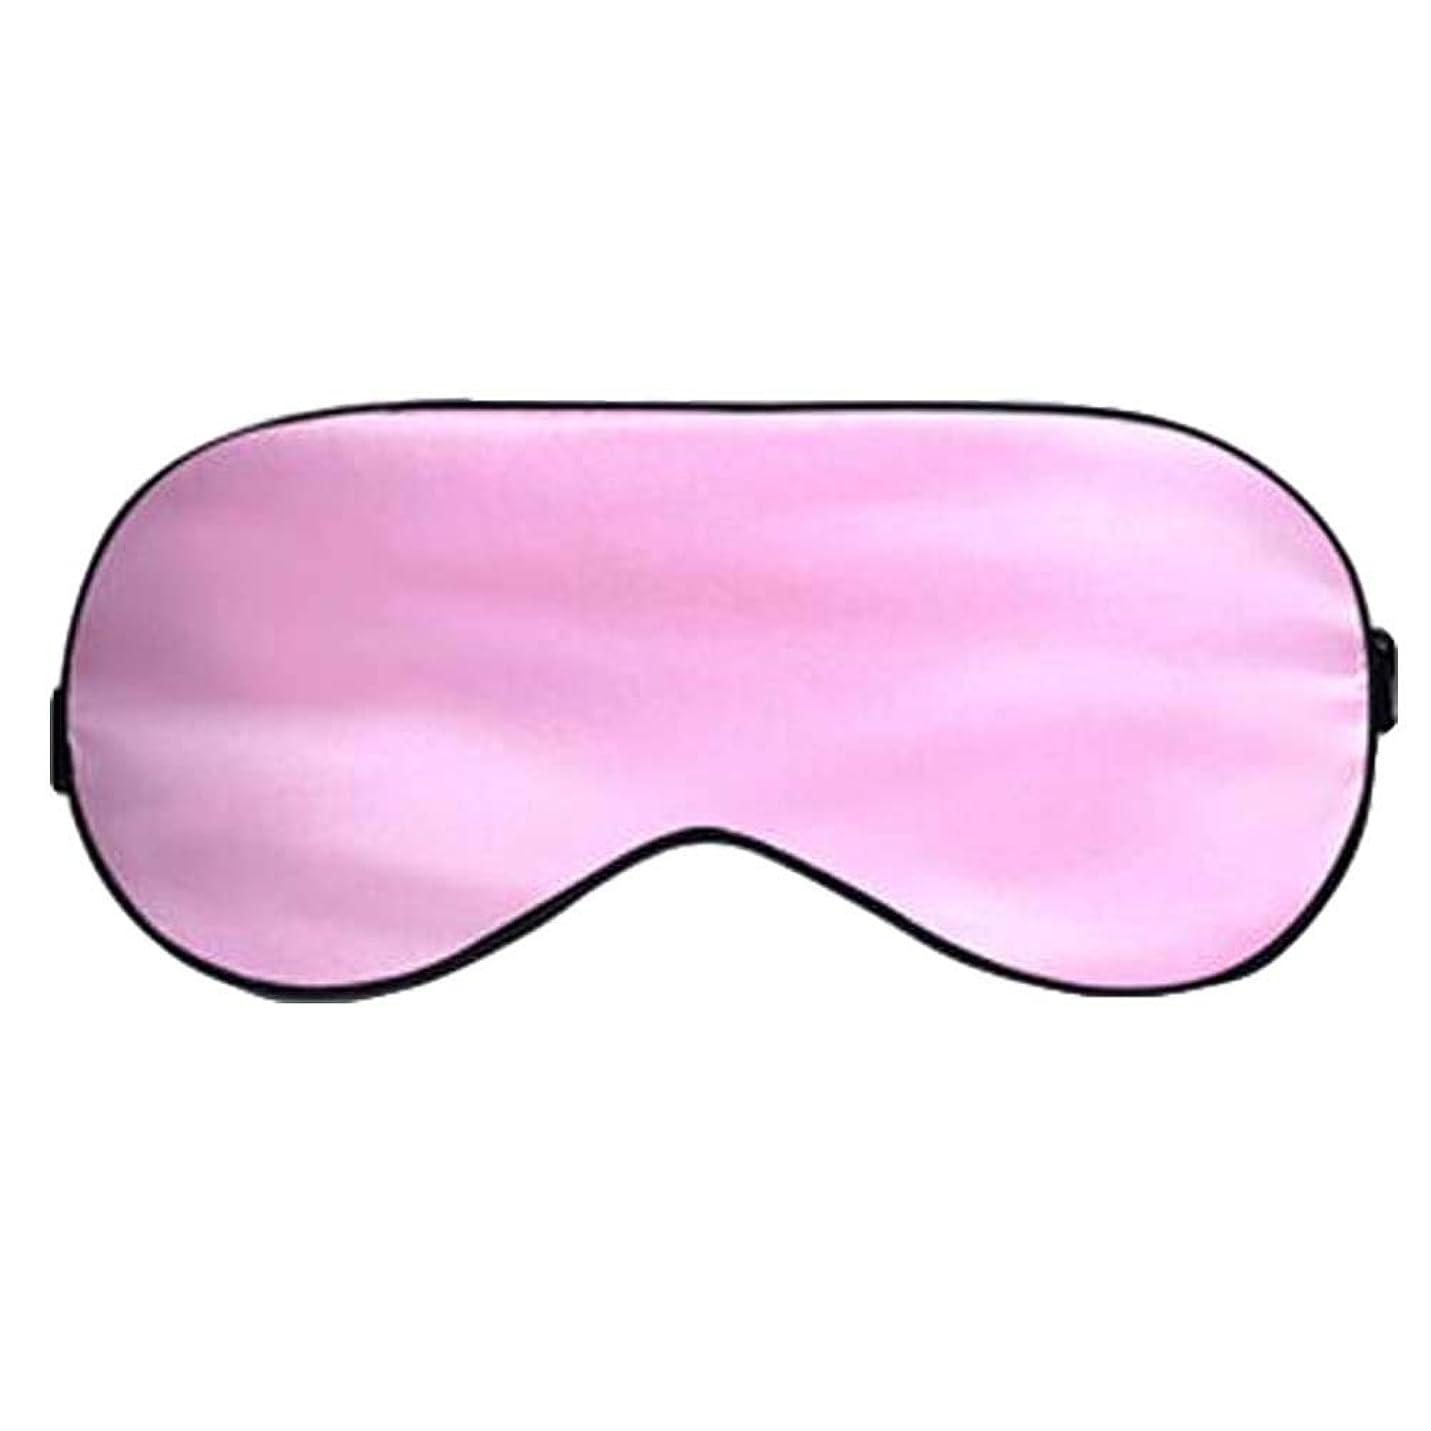 組み込む甘美なクロールピンクシルク睡眠アイシェッド睡眠アイマスク睡眠用調節可能なストラップ